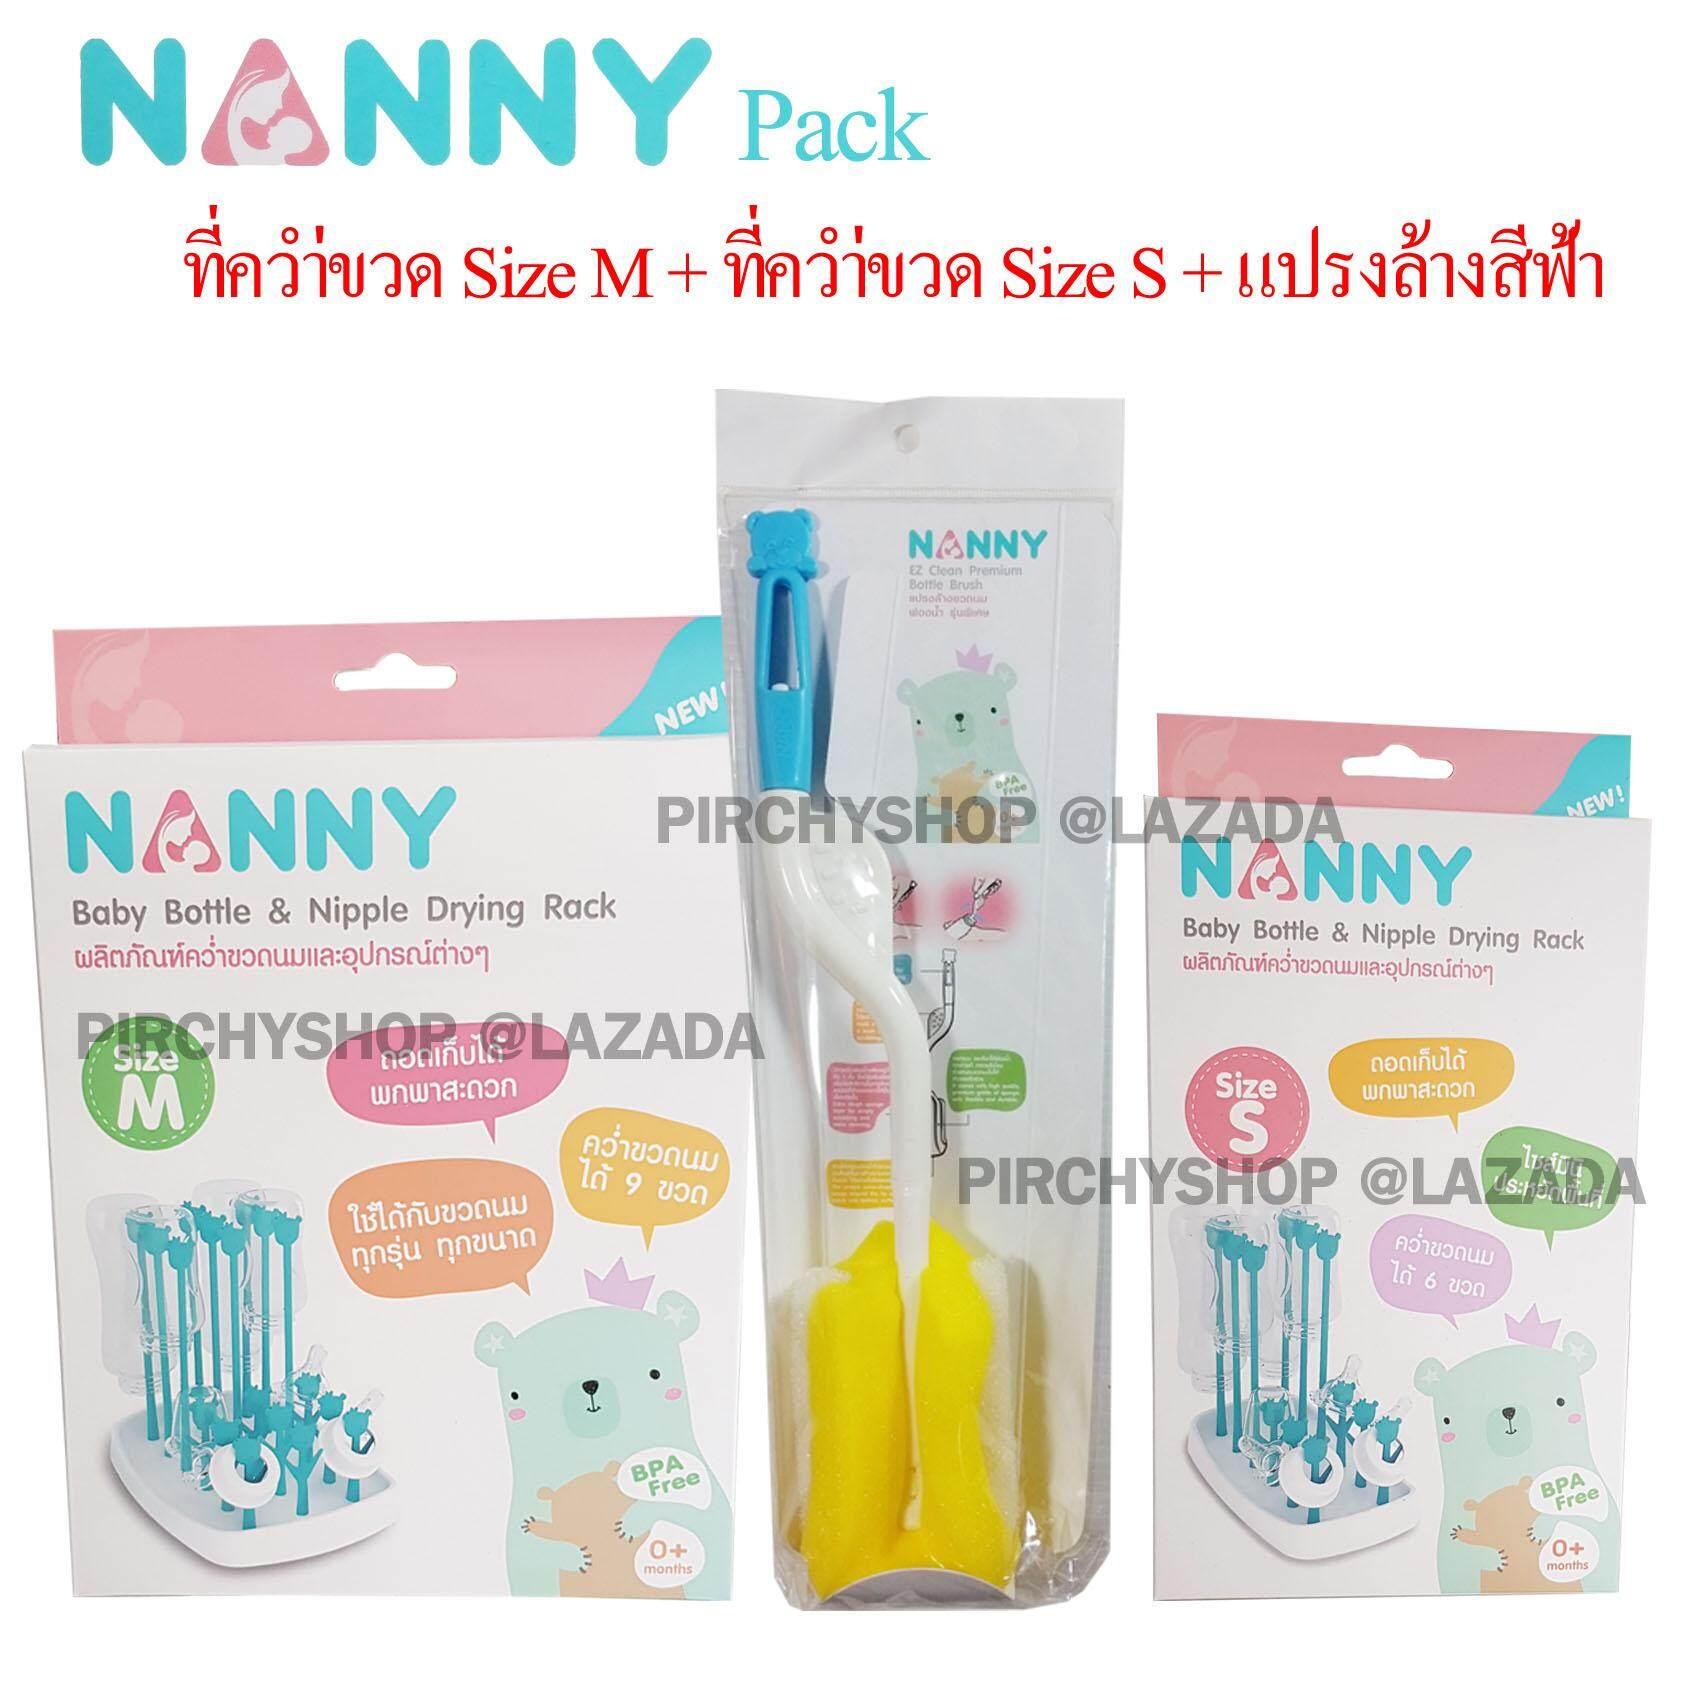 Nanny Set ที่ตากขวดนม Size M + ที่ตากขวดนม Size S + แปรงล้างขวด (สีฟ้า)